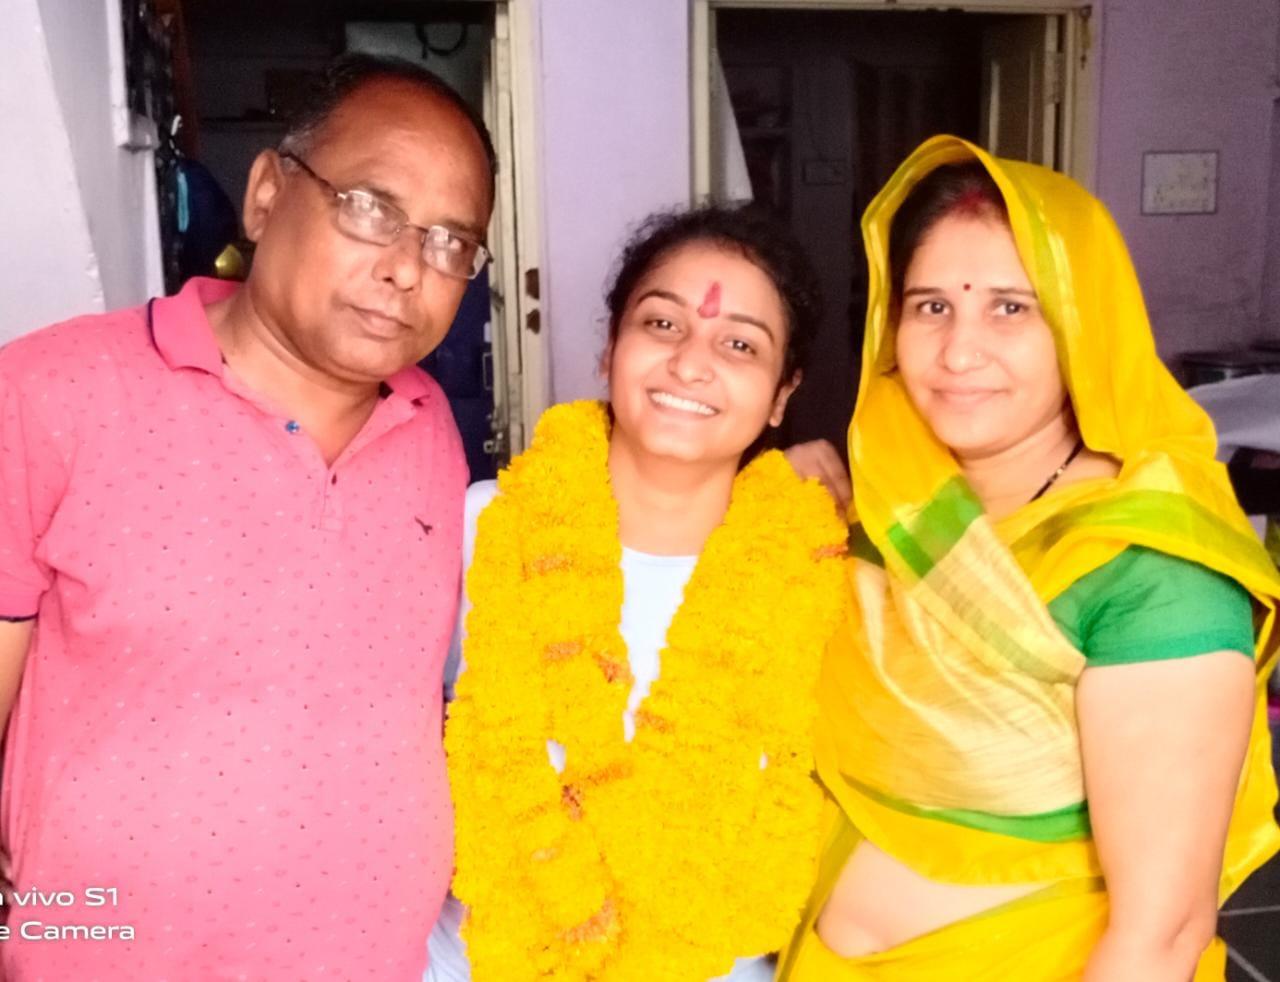 बेटी के लिए घर छोड़ किराए के कमरे में रहा परिवार, प्री की पहली कटऑफ में नहीं था नाम, संशोधन के बाद आया नंबर|राजस्थान,Rajasthan - Dainik Bhaskar